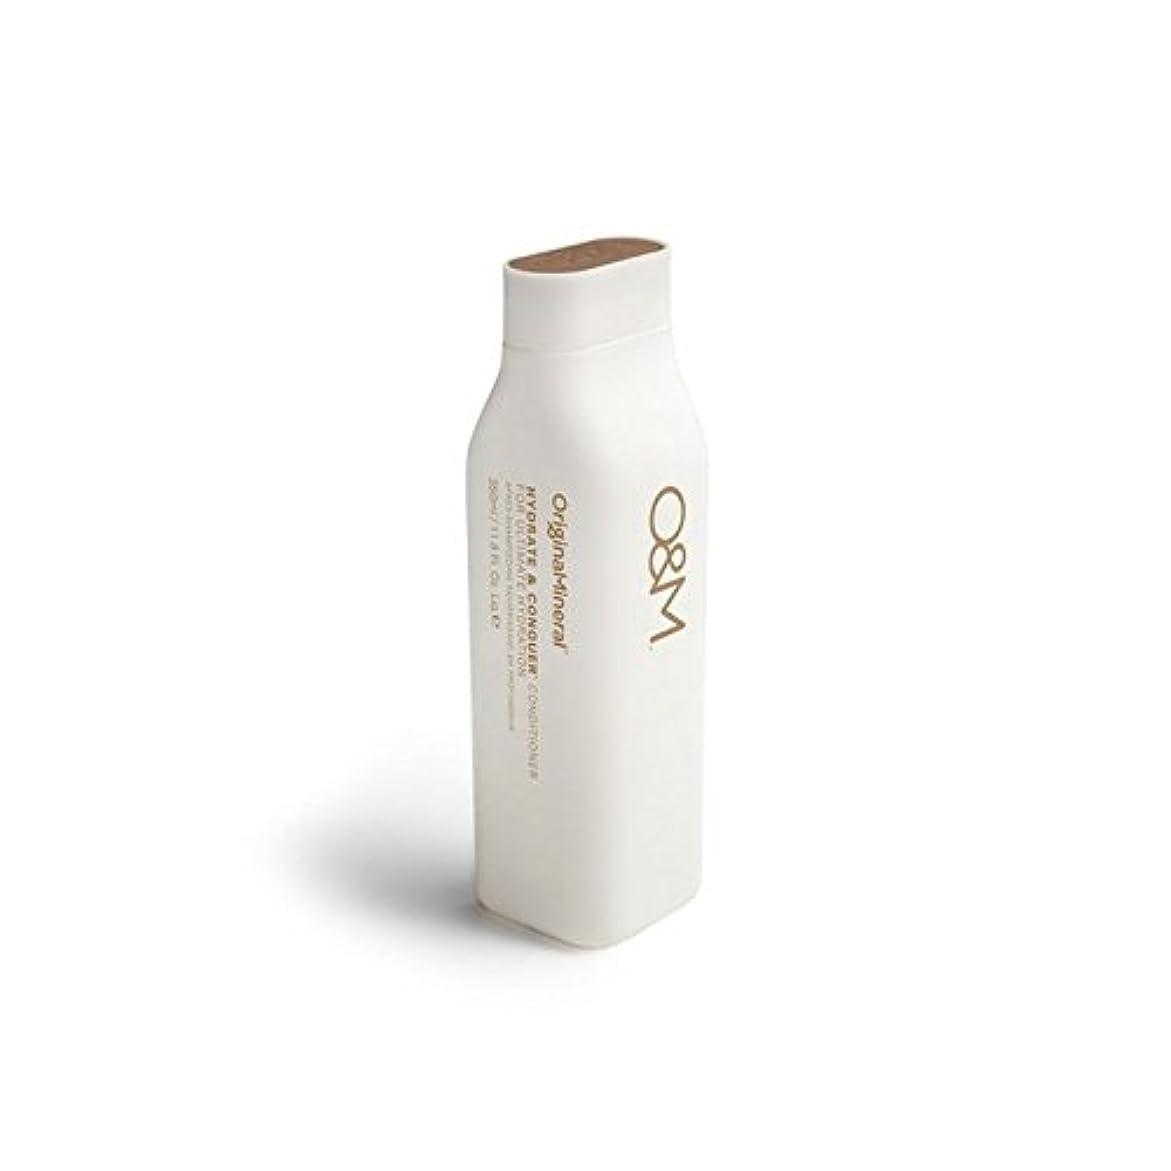 エンゲージメント議会記憶に残るOriginal & Mineral Hydrate And Conquer Conditioner (350ml) (Pack of 6) - オリジナル&ミネラル水和物及びコンディショナー(350ミリリットル)を征服...